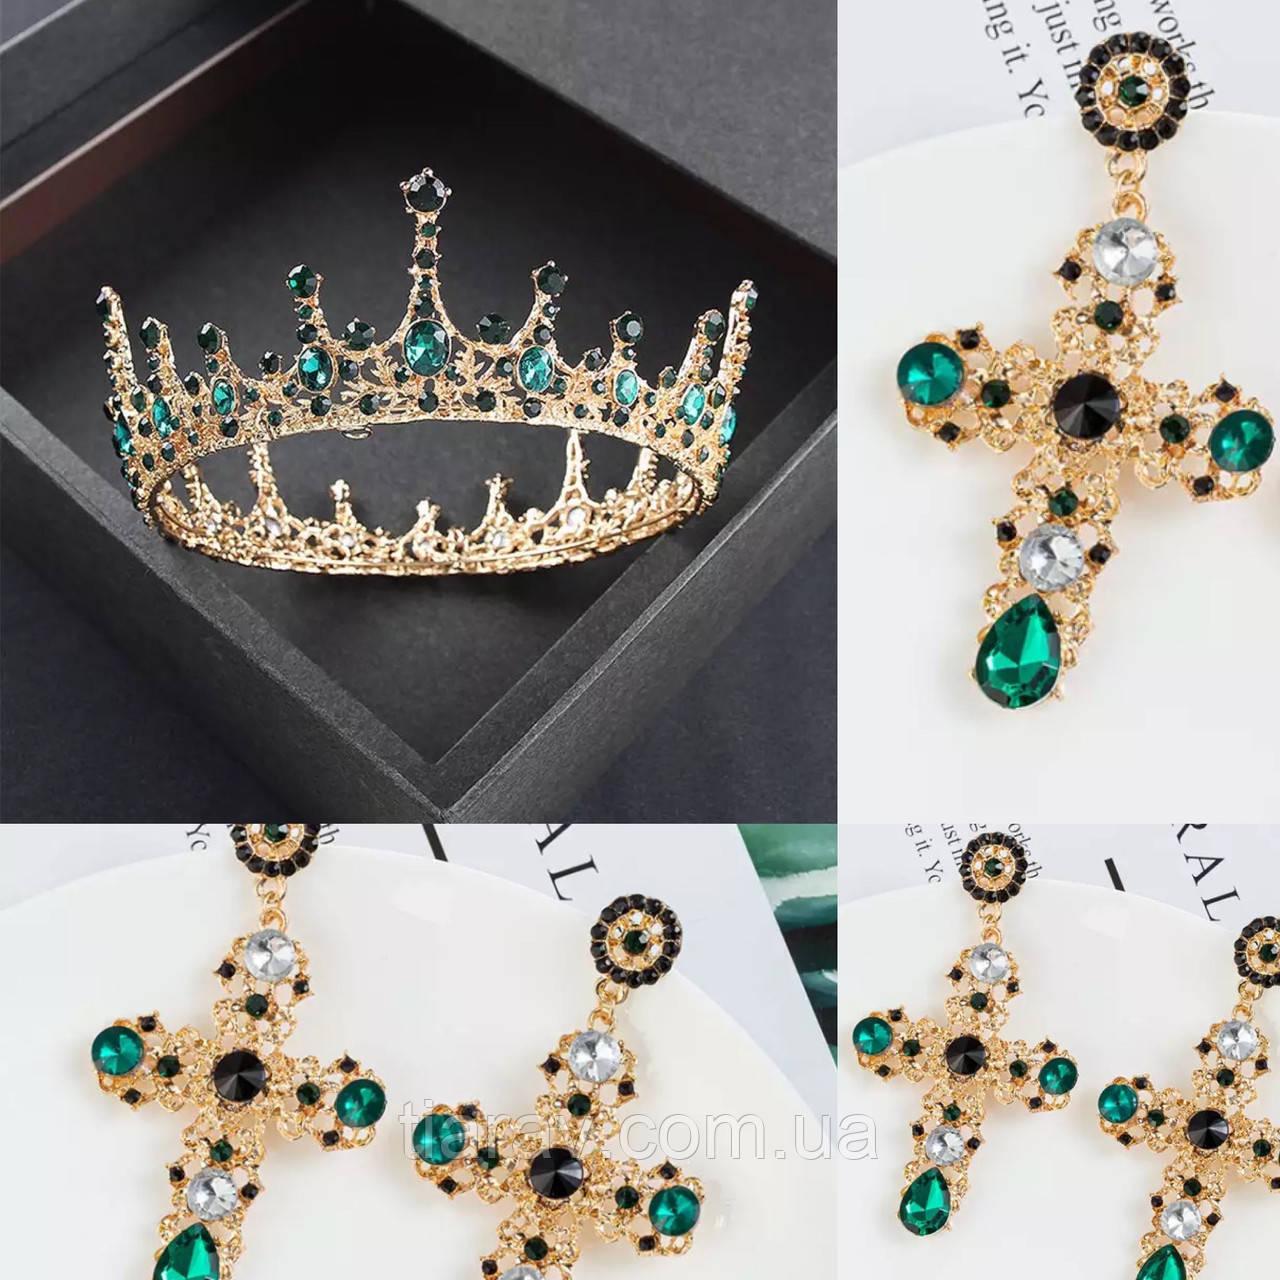 Корона и серьги, набор украшений, круглая корона на голову АЛЕКСА